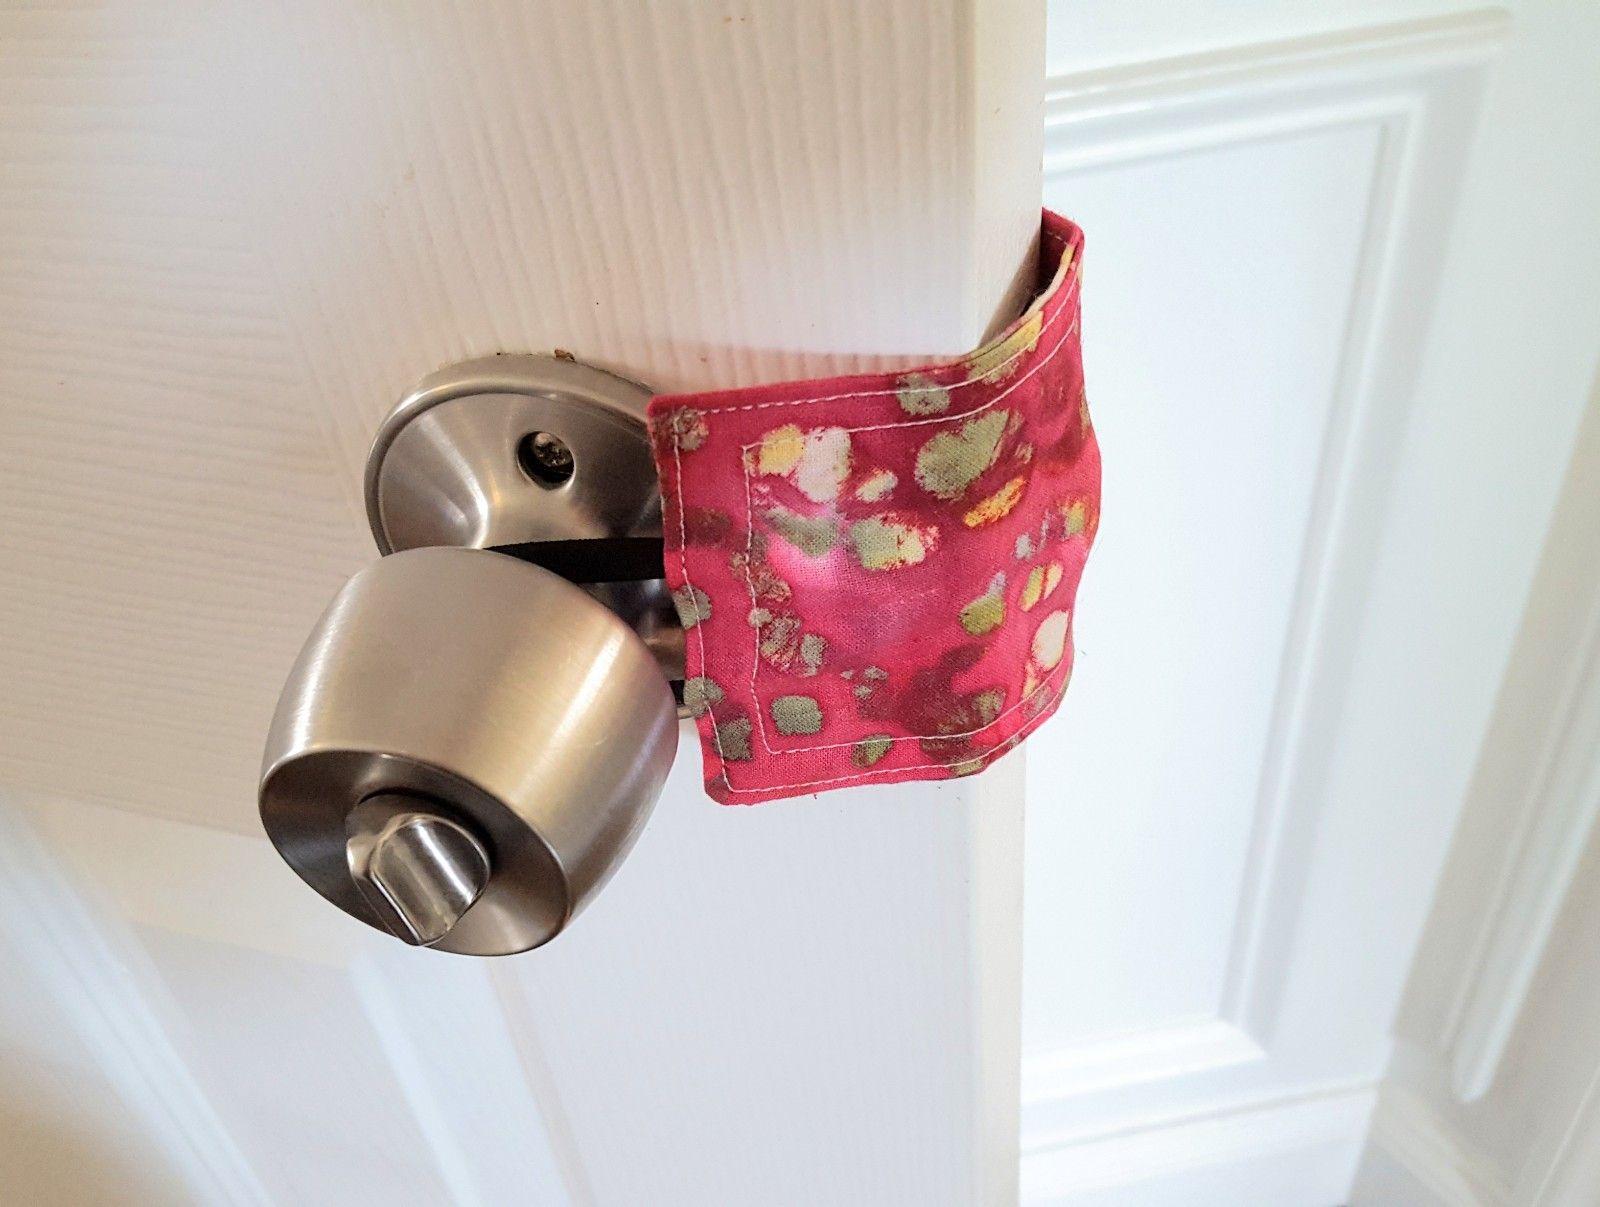 Pin By Simona Stovicek On Door Stoppers In 2020 Door Jammer Door Stopper Diy Make A Door